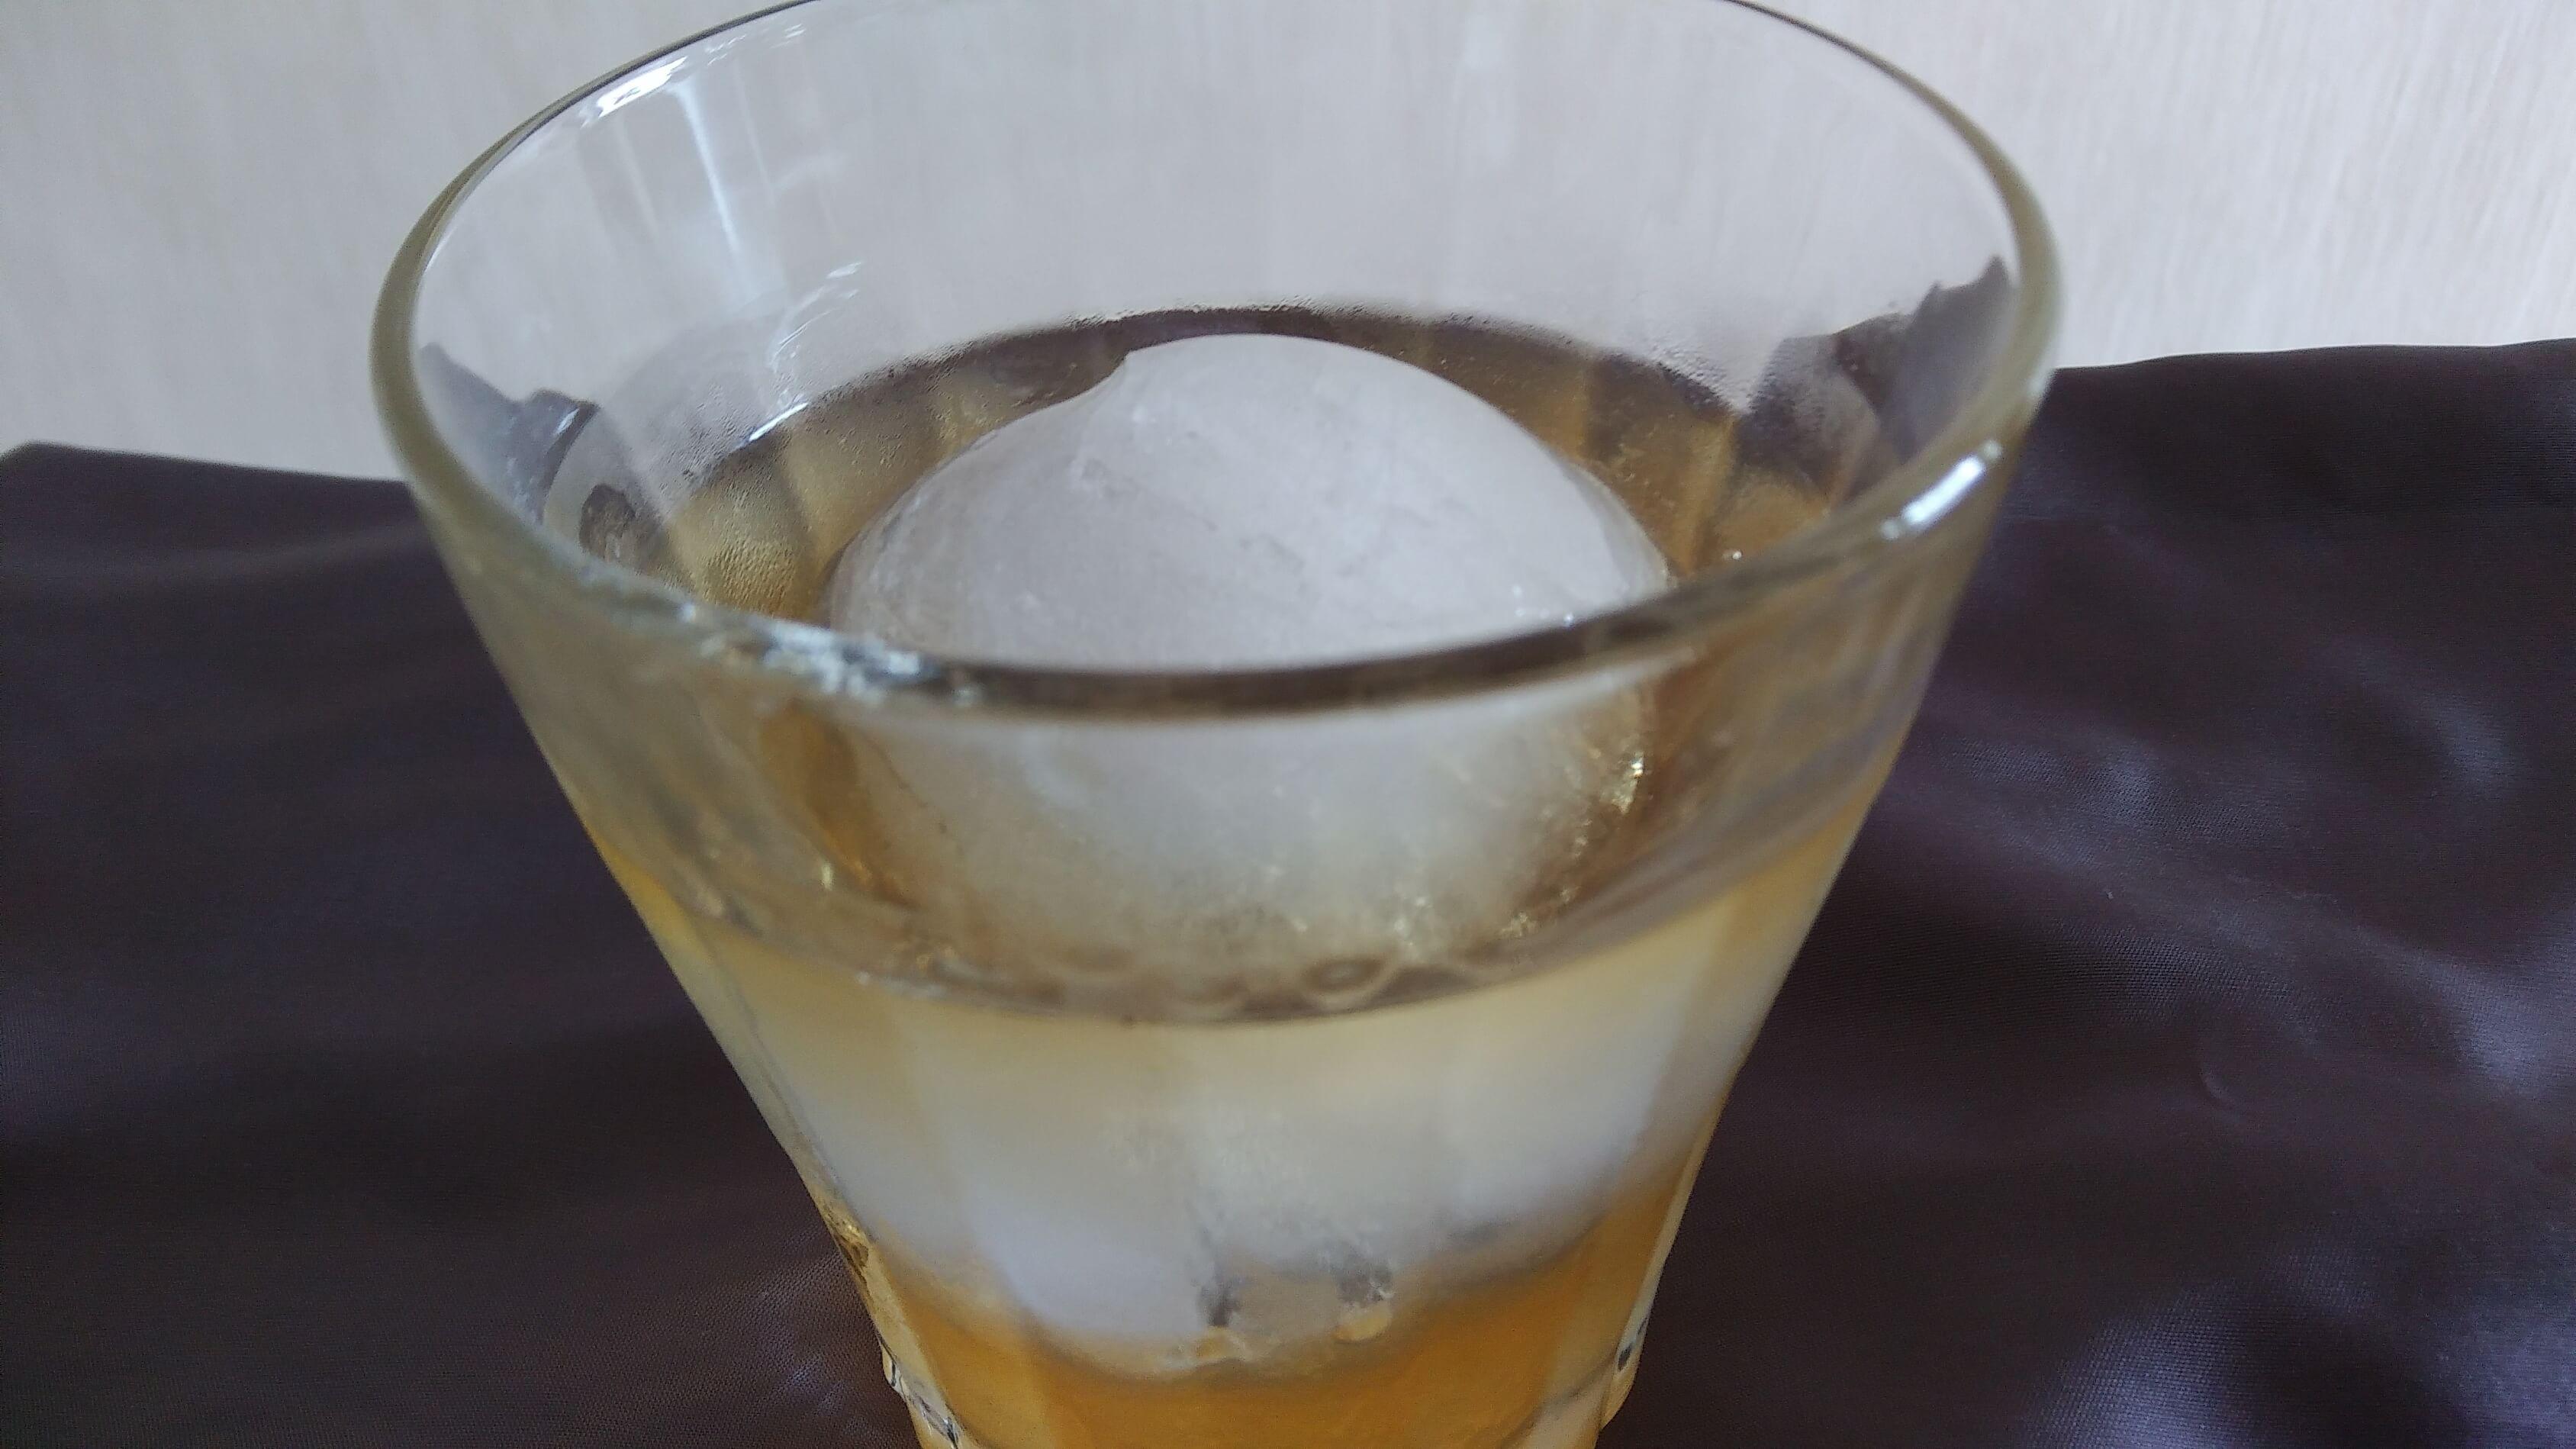 サーモスの水筒に入れた氷はどこまで溶けるのか?